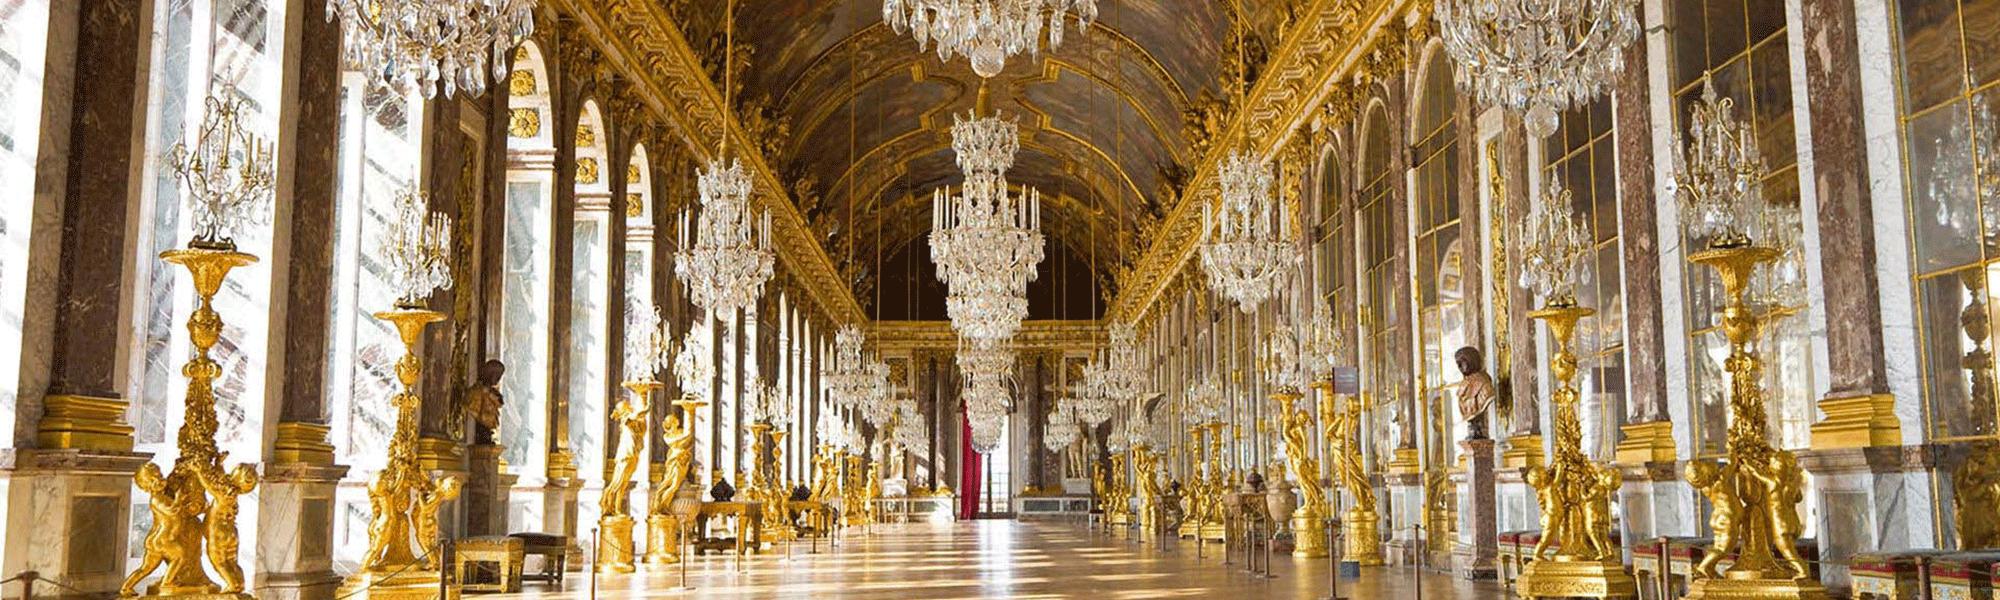 galerie_des_glaces_chateau_de_versailles